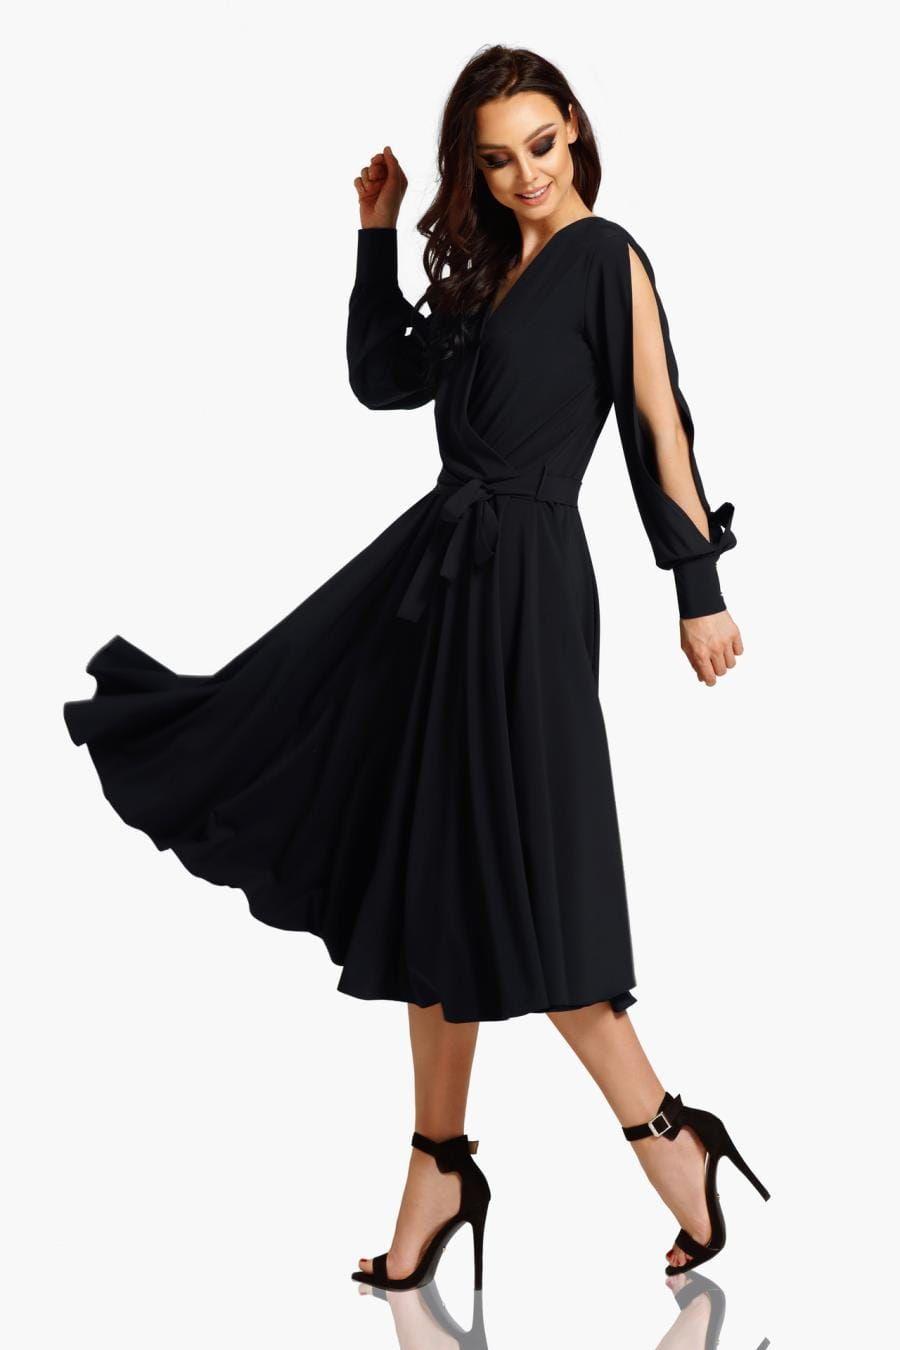 4e03fb7f69 Szykowna Sukienka Midi z Rozciętymi Rękawami Czarna LEL295 w 2019 ...